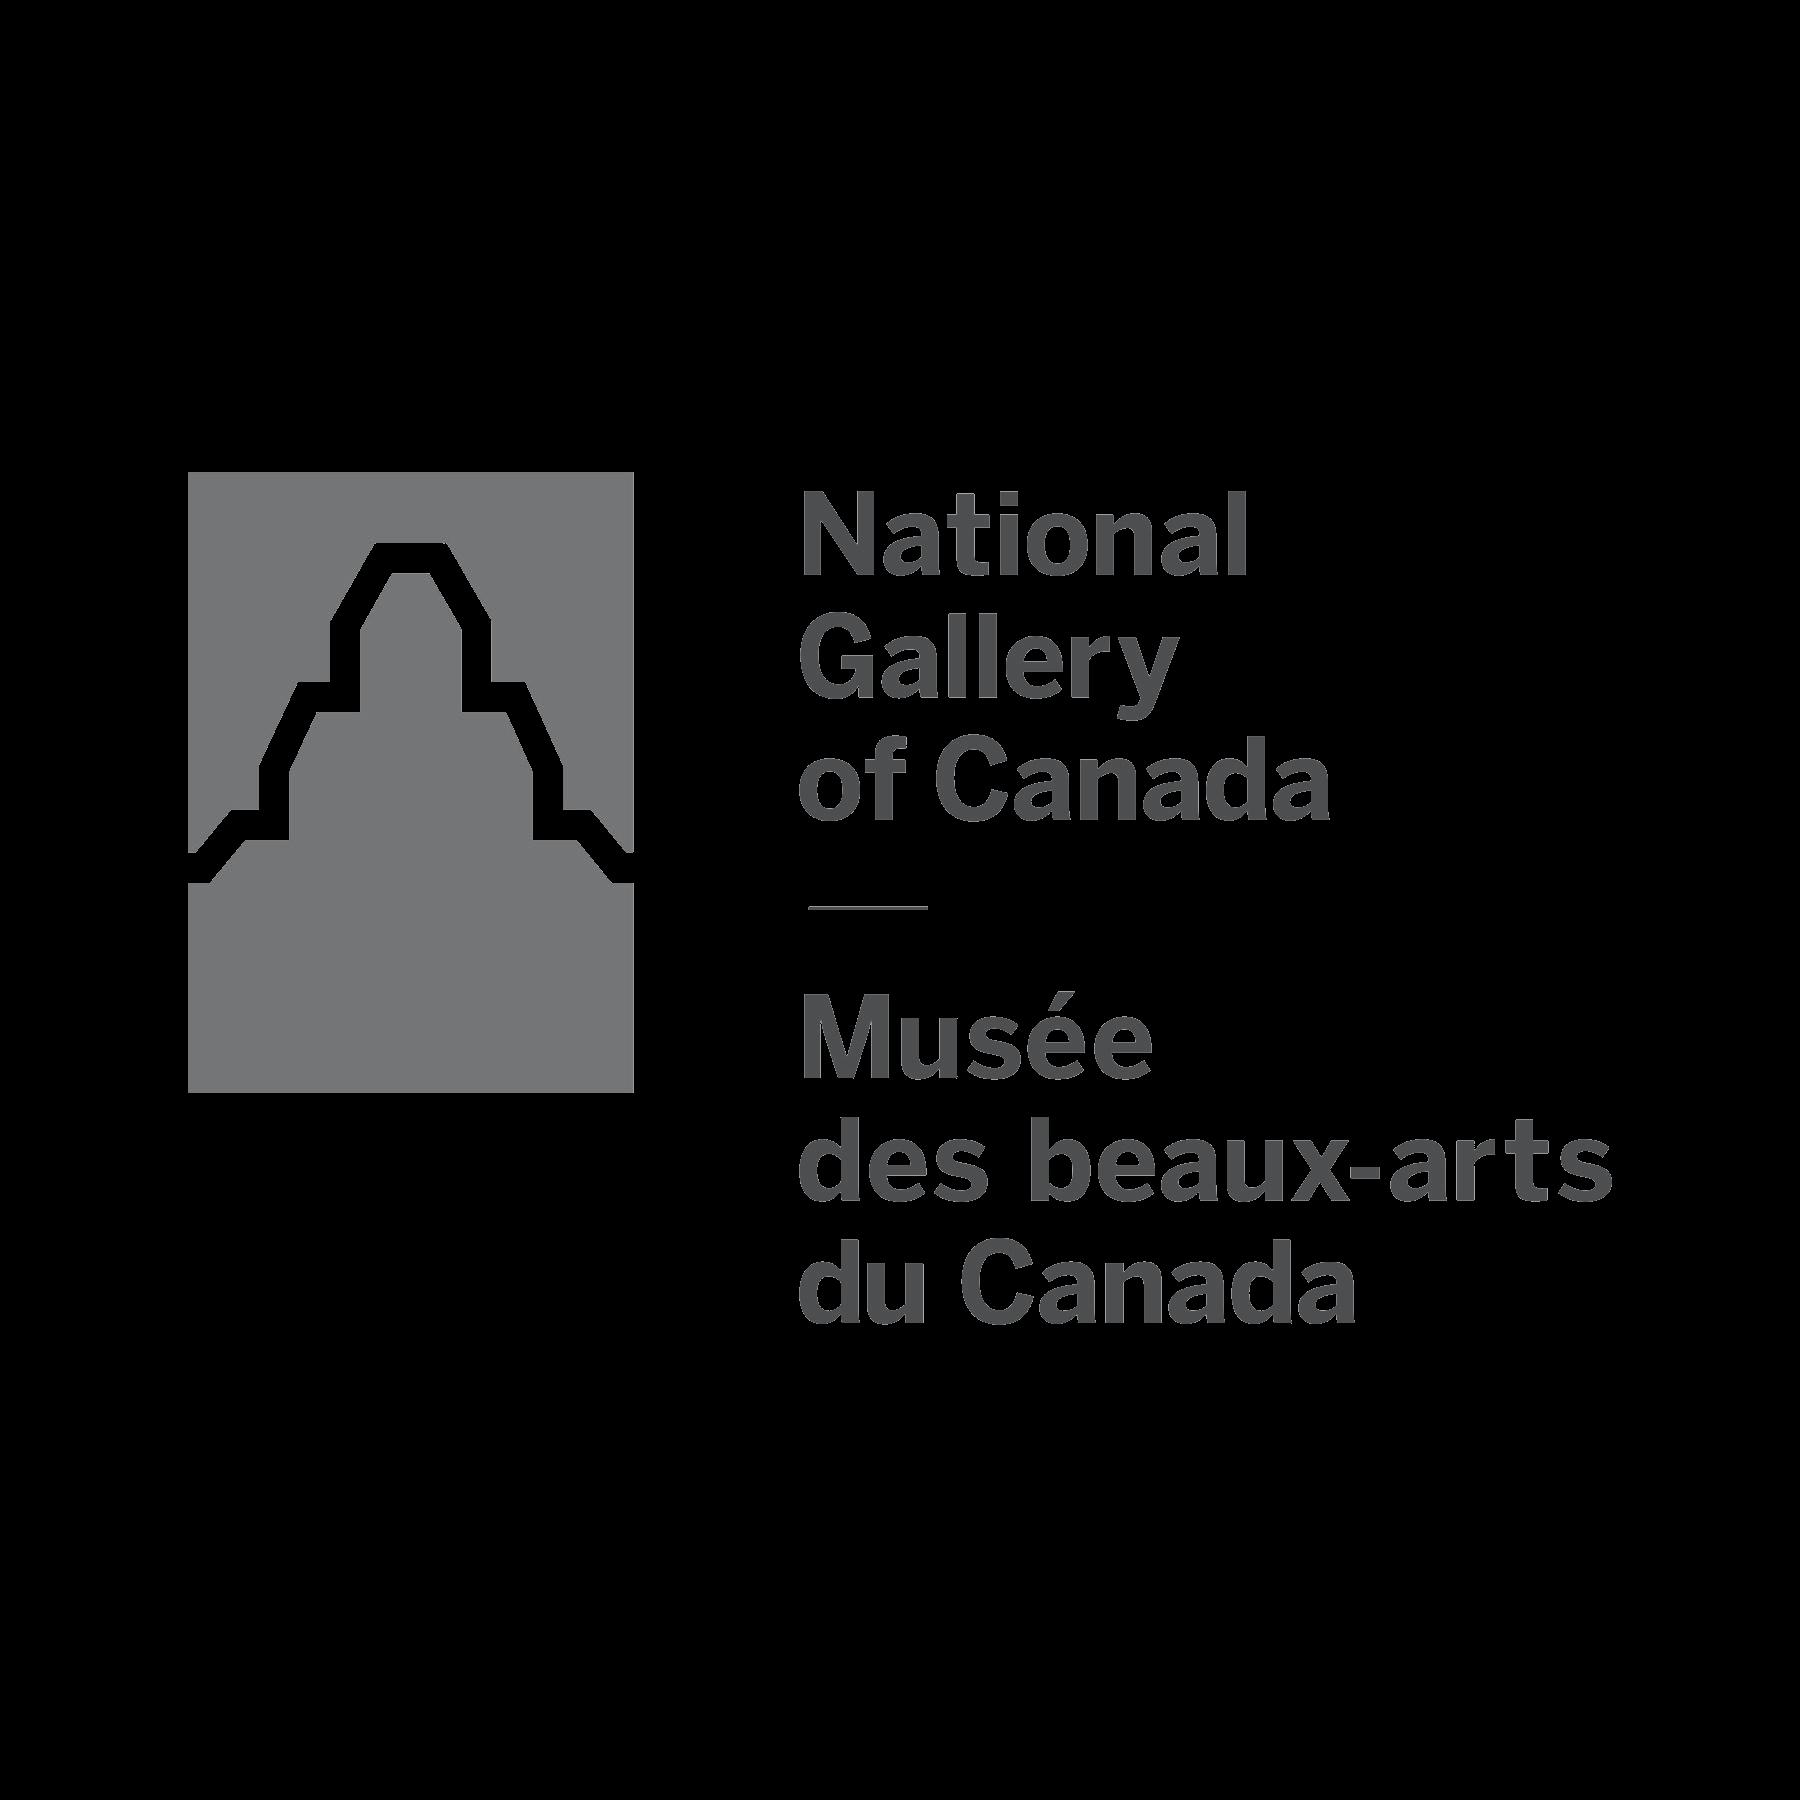 Canada_Ottawa_National Gallery of Canada